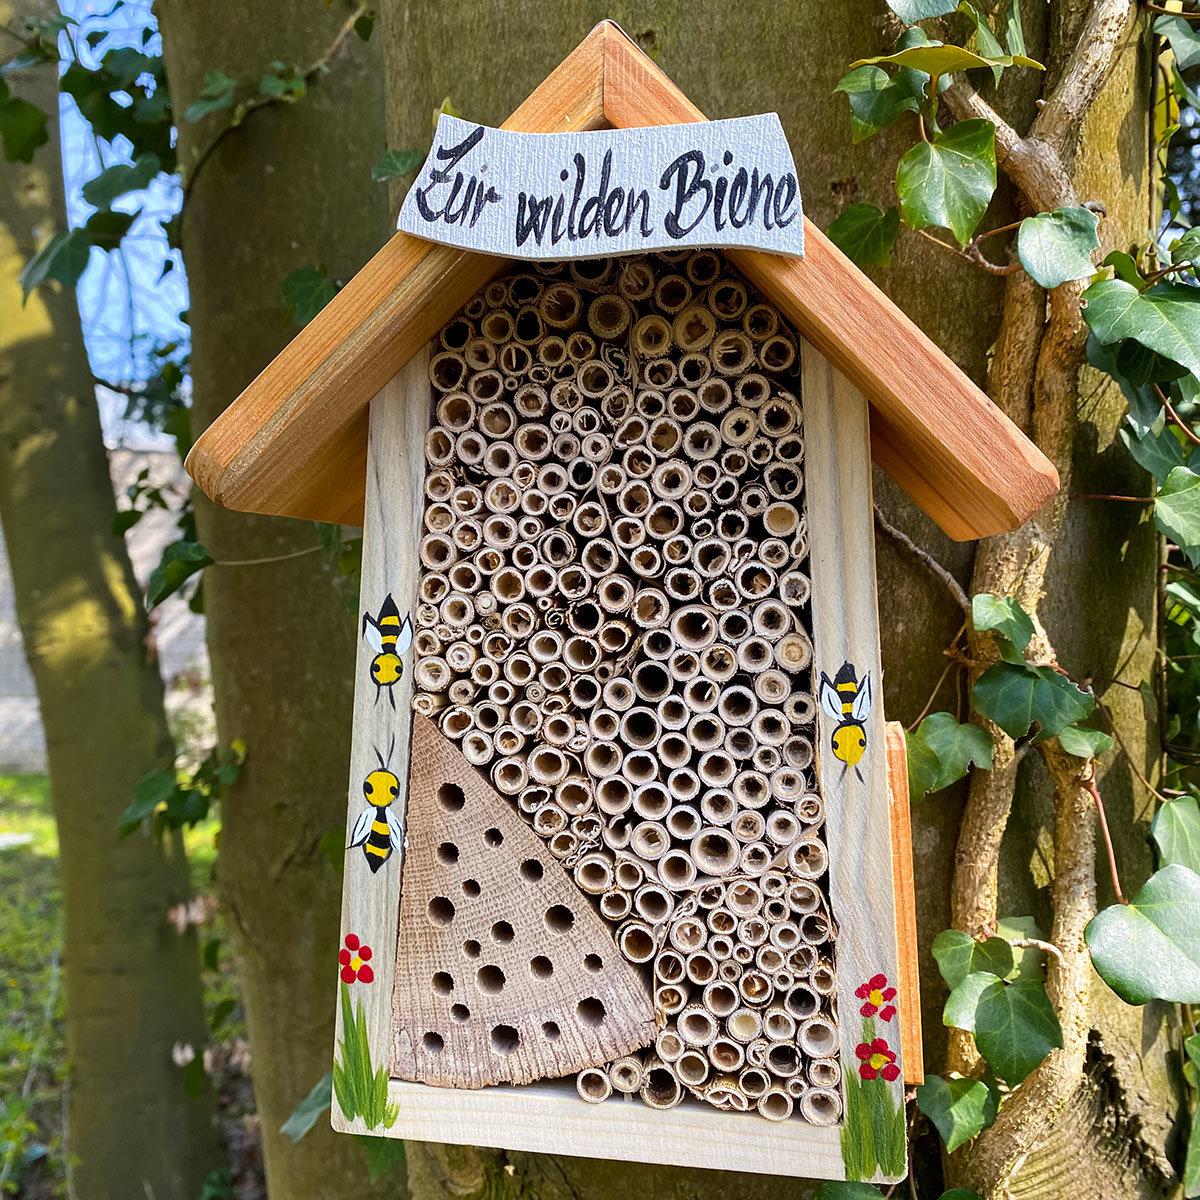 Bienenhotel zur Wilden Biene | #3